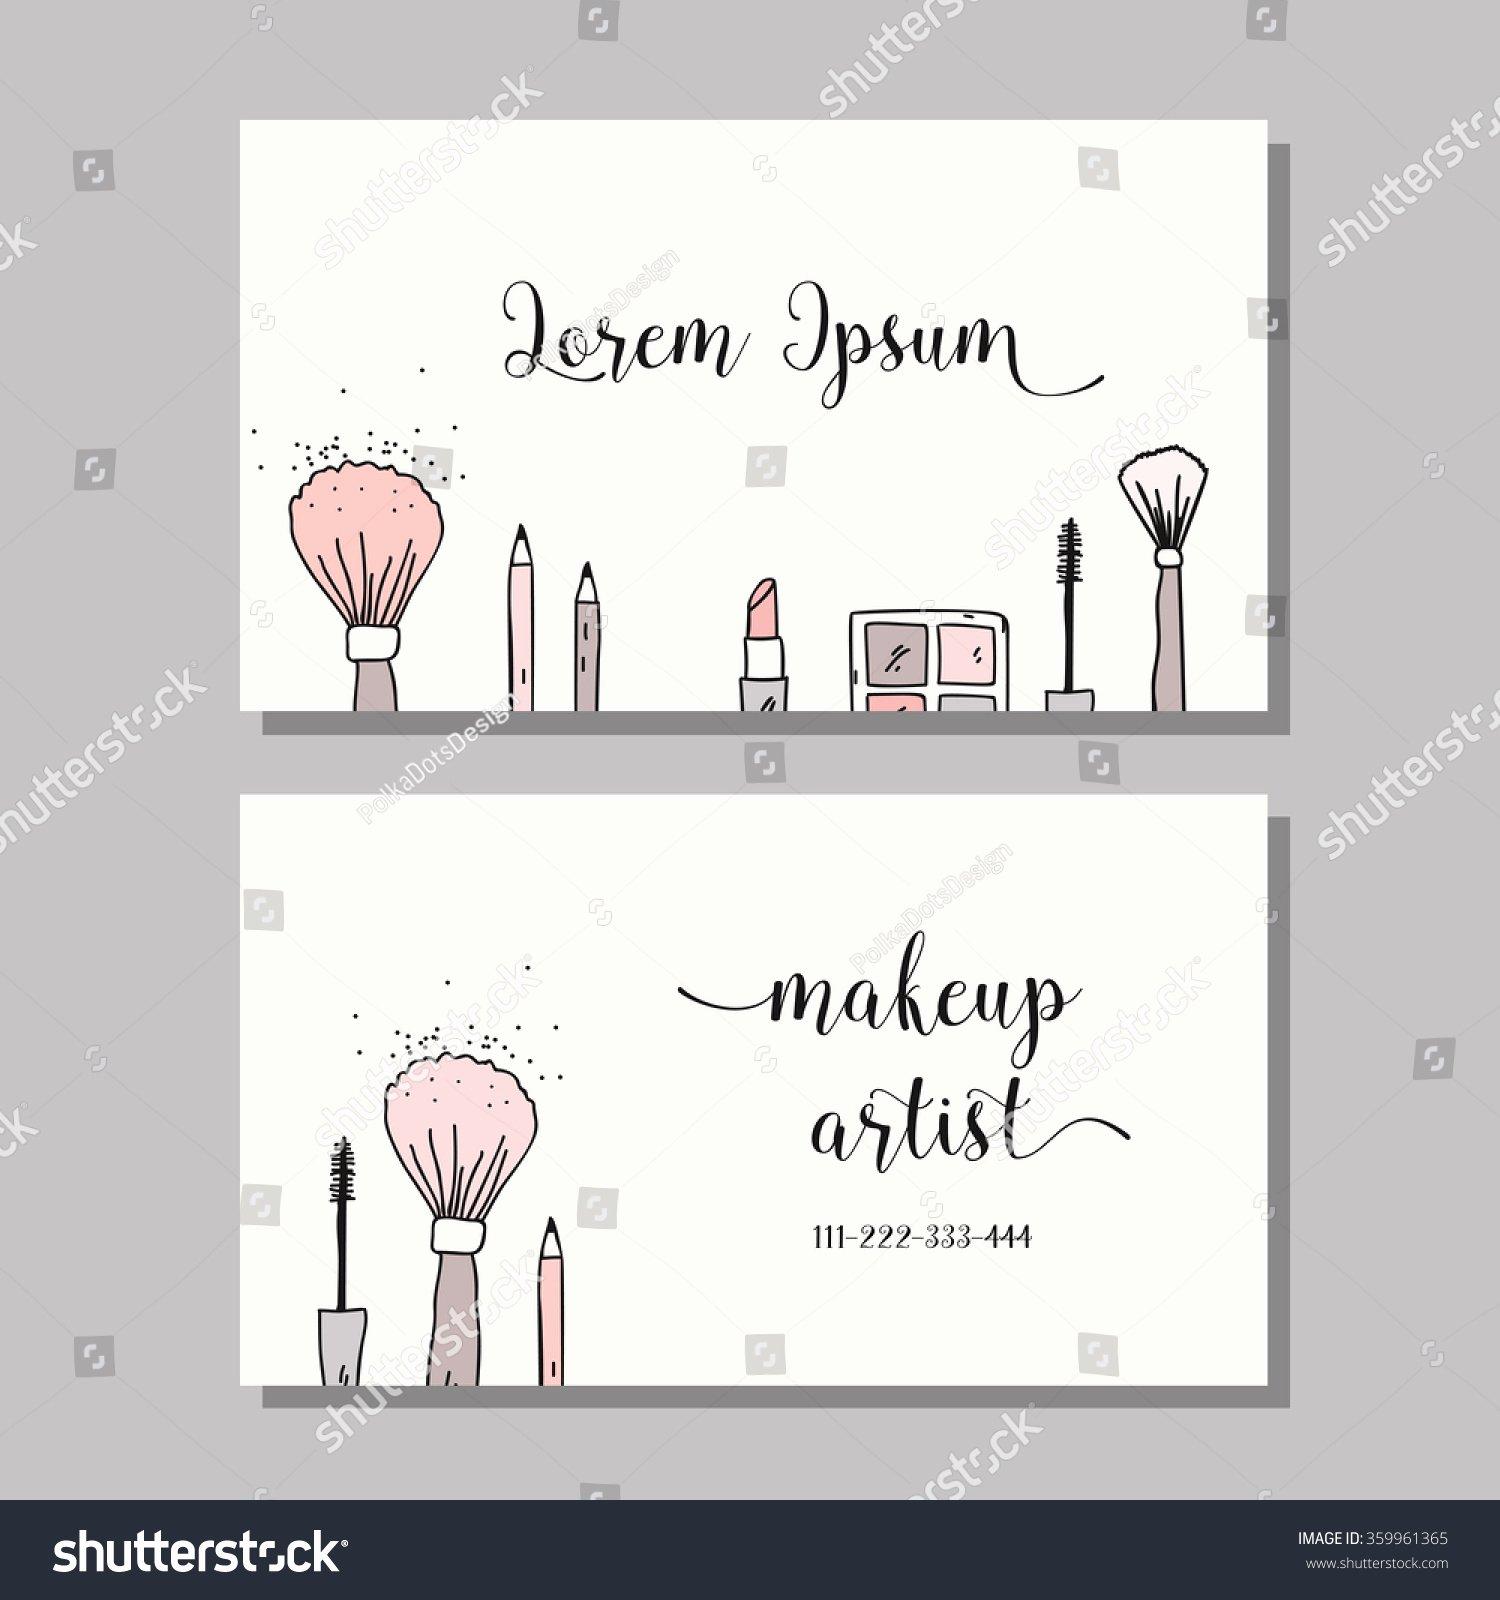 Makeup Artist Website Template New Makeup Artist Business Card Vector Template Stock Vector